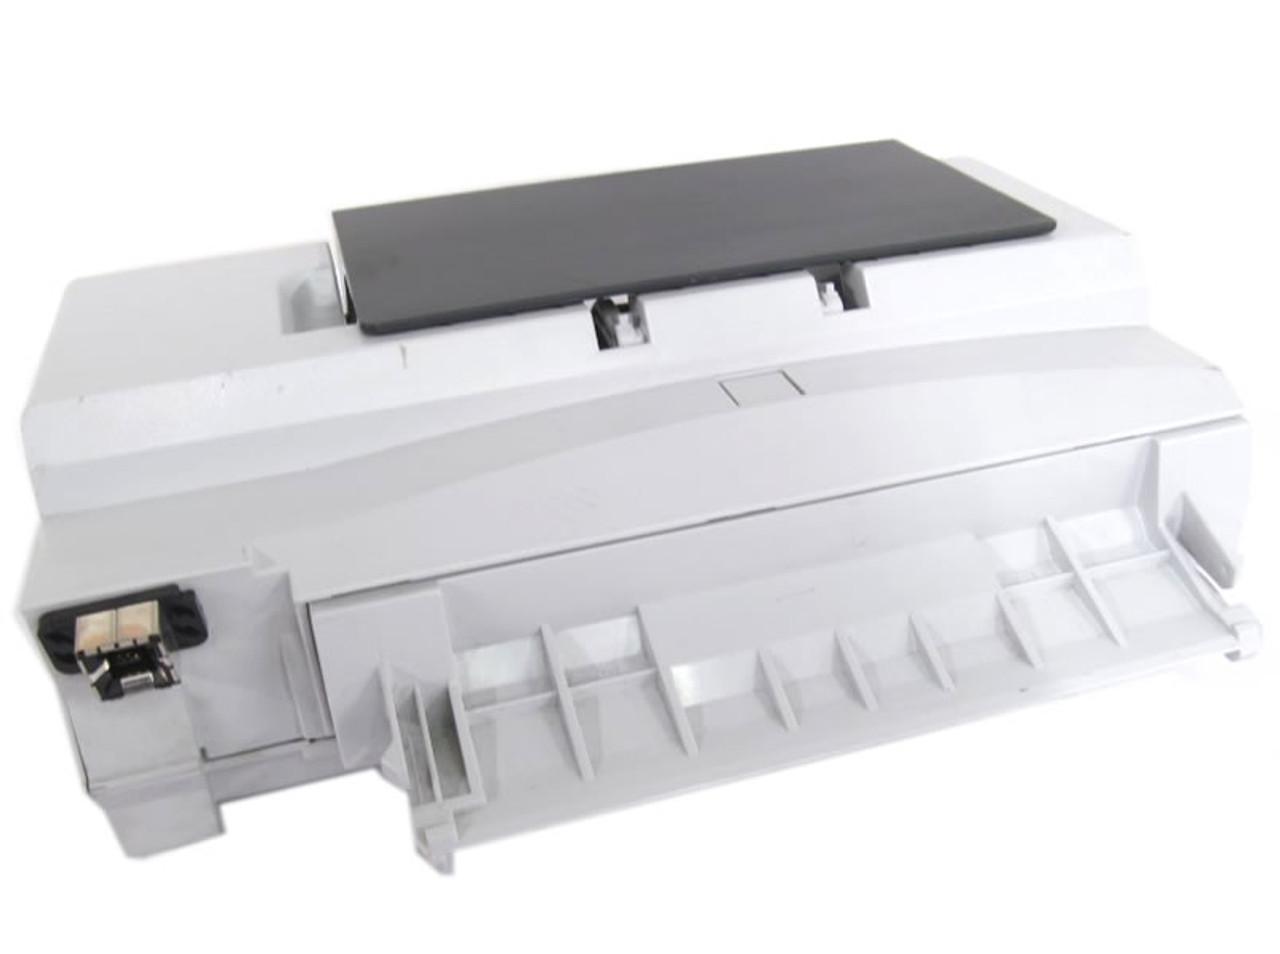 HP LaserJet 75-sheet Envelope Feeder for the P4014, P4015, P4515